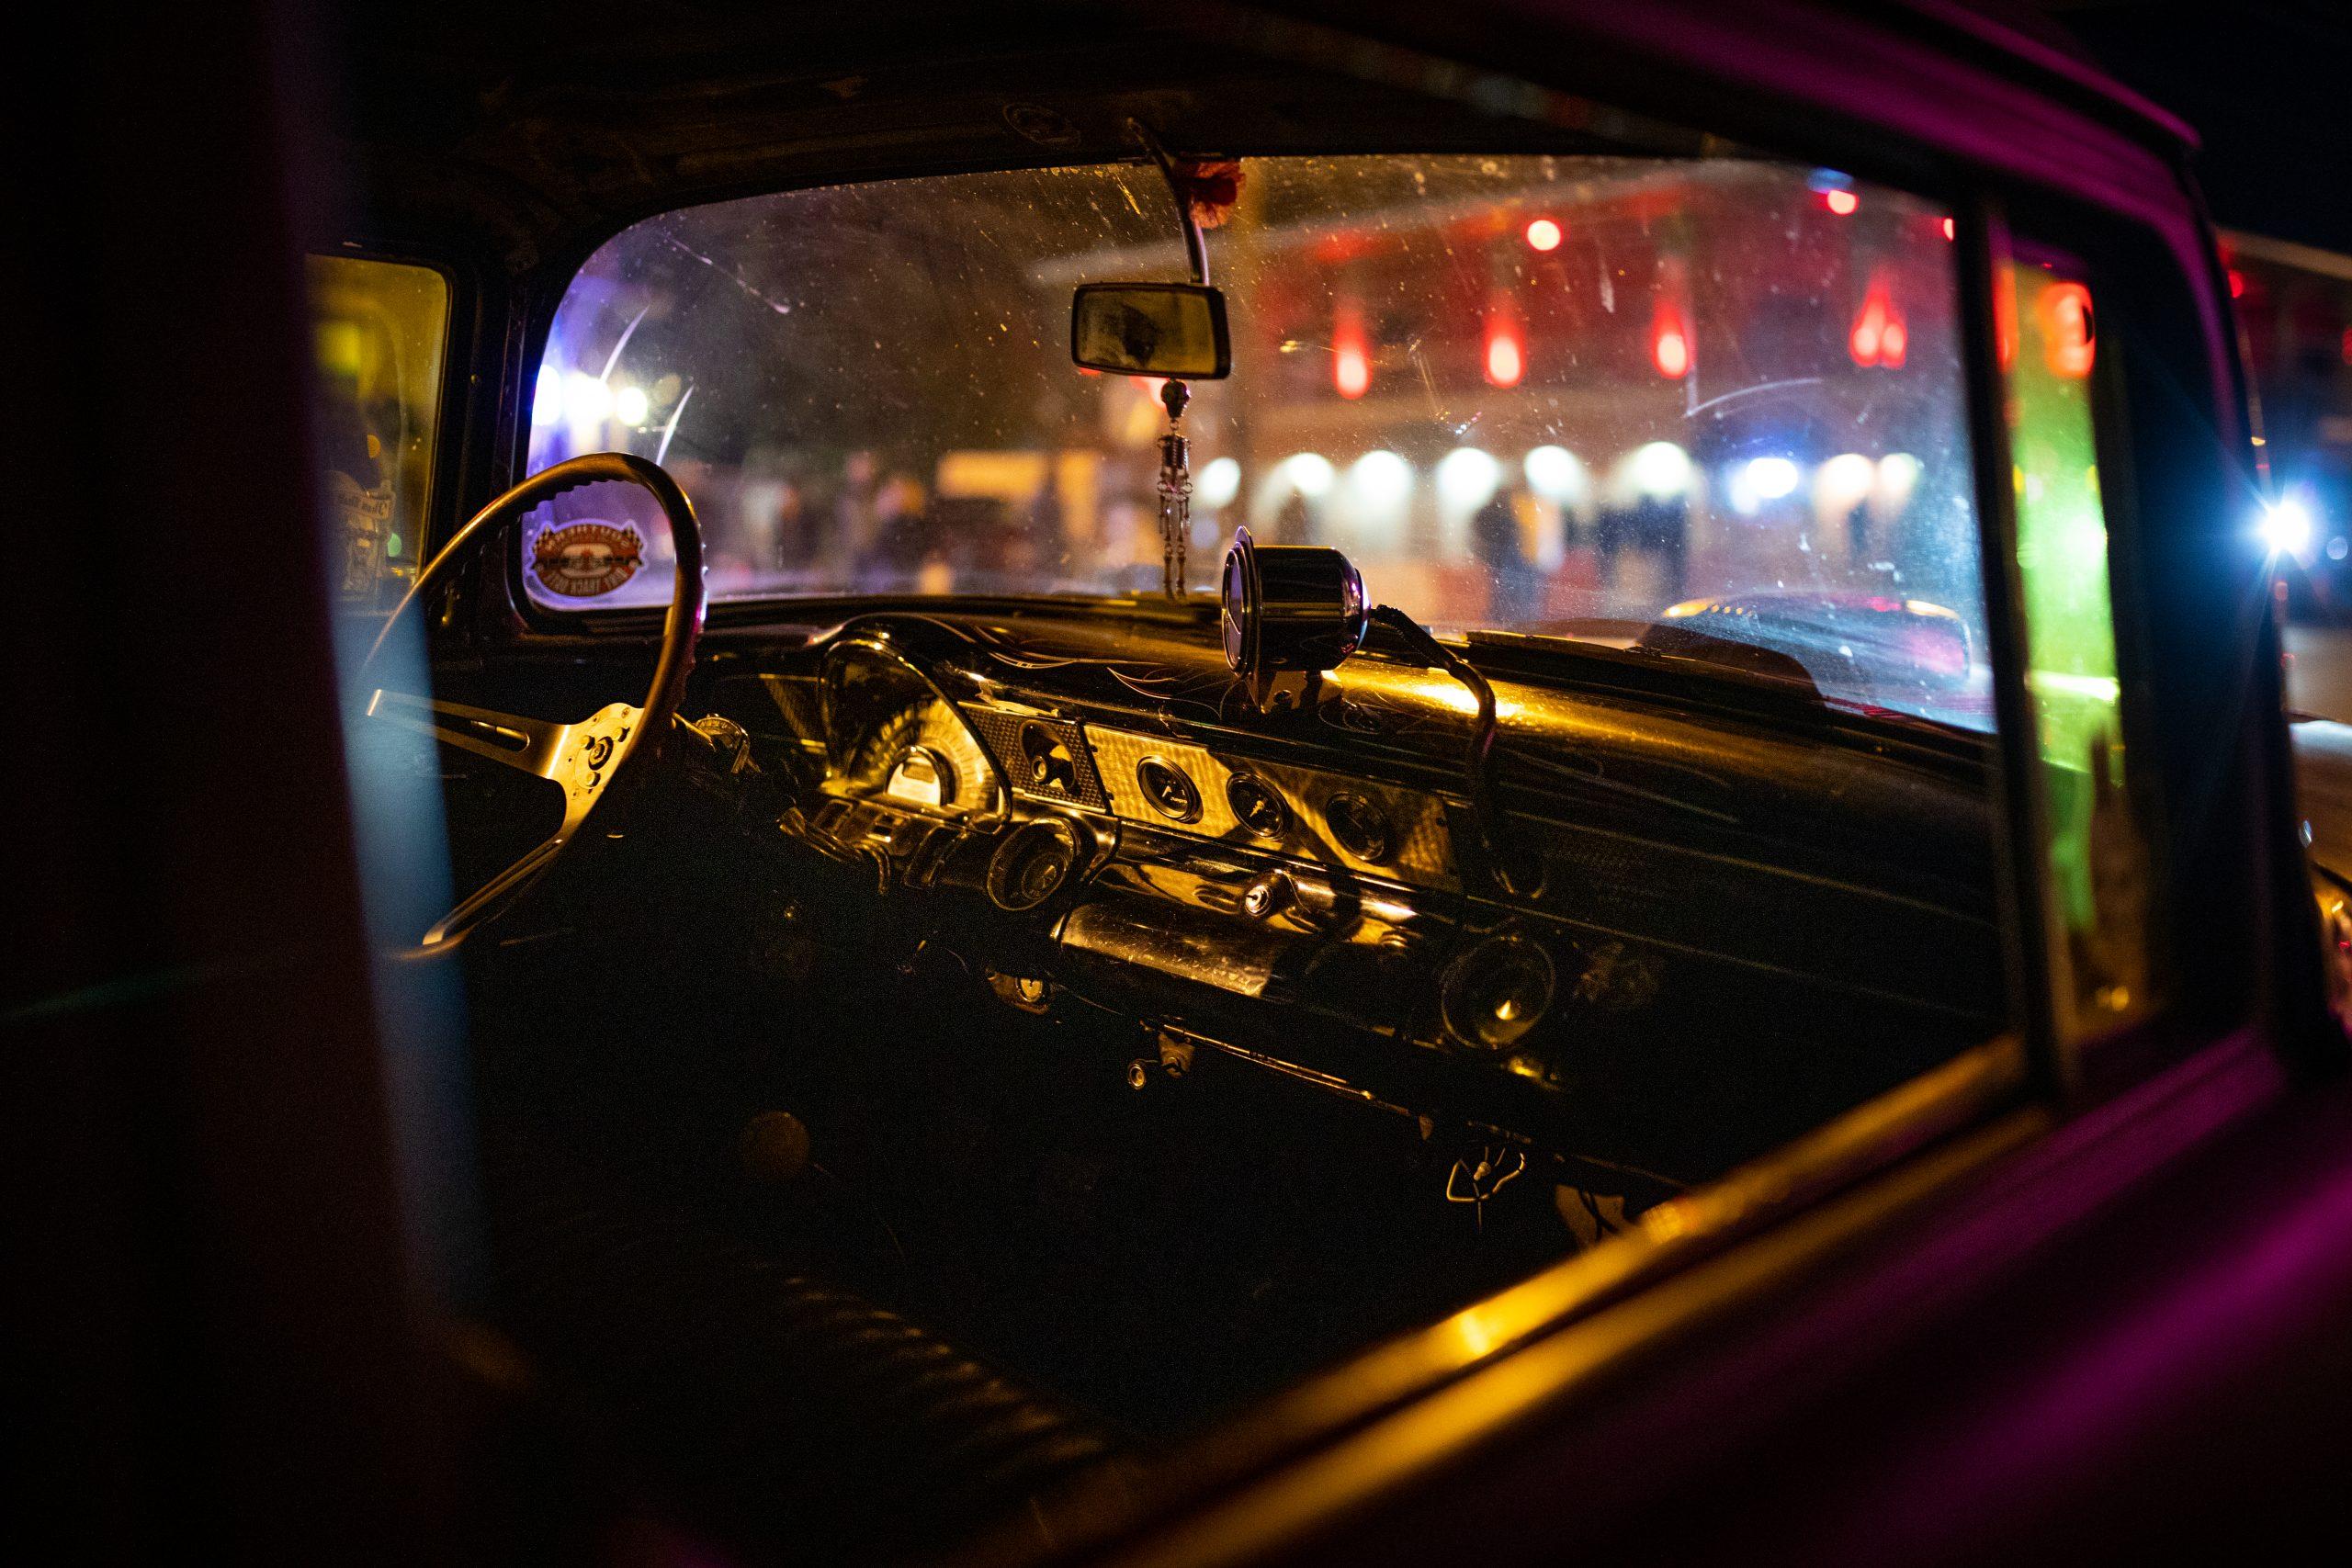 hot rod interior at night